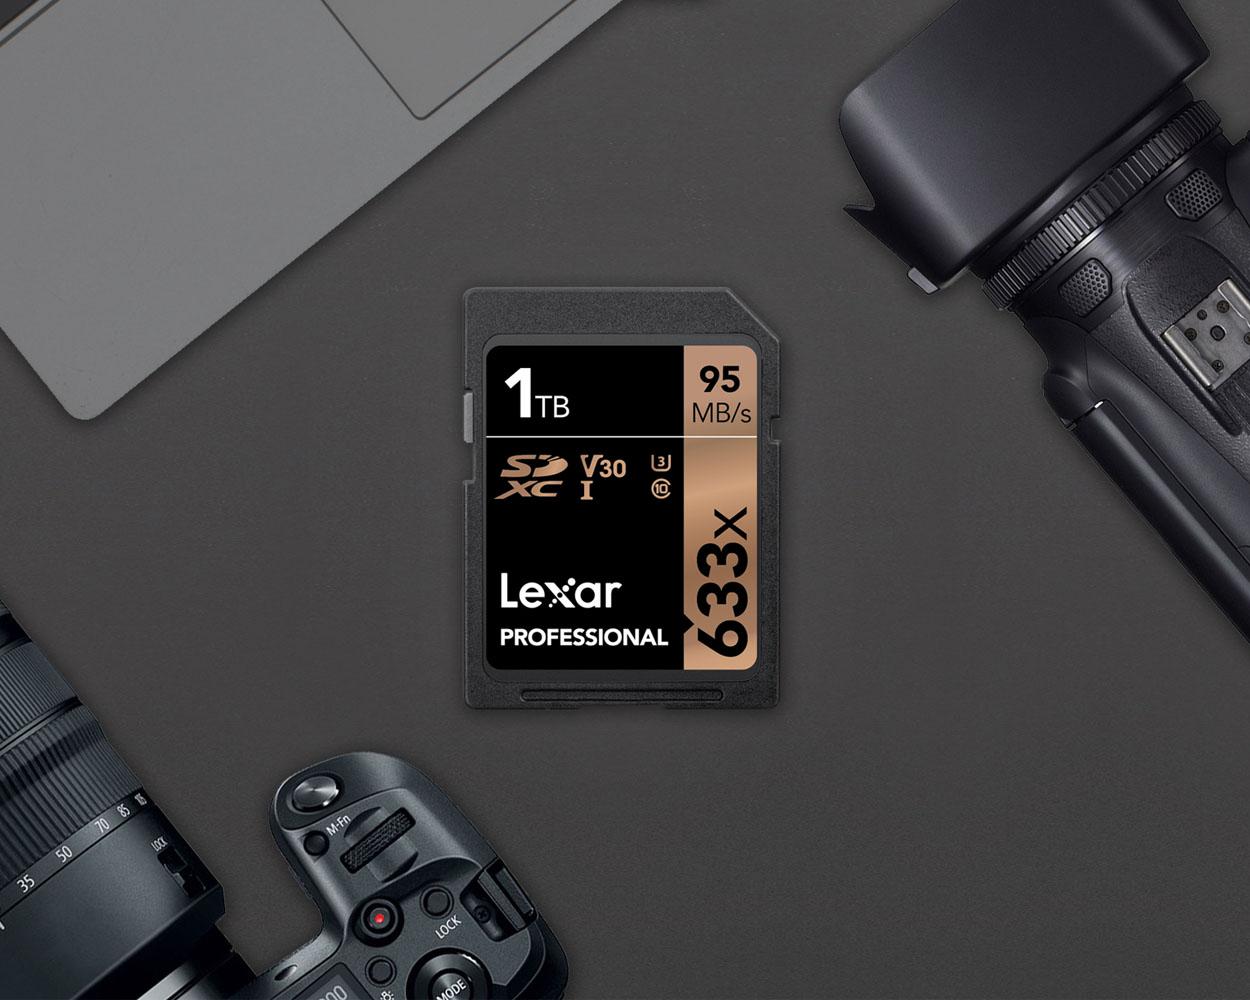 Lexar_SD_633x_1TB_PR.jpg